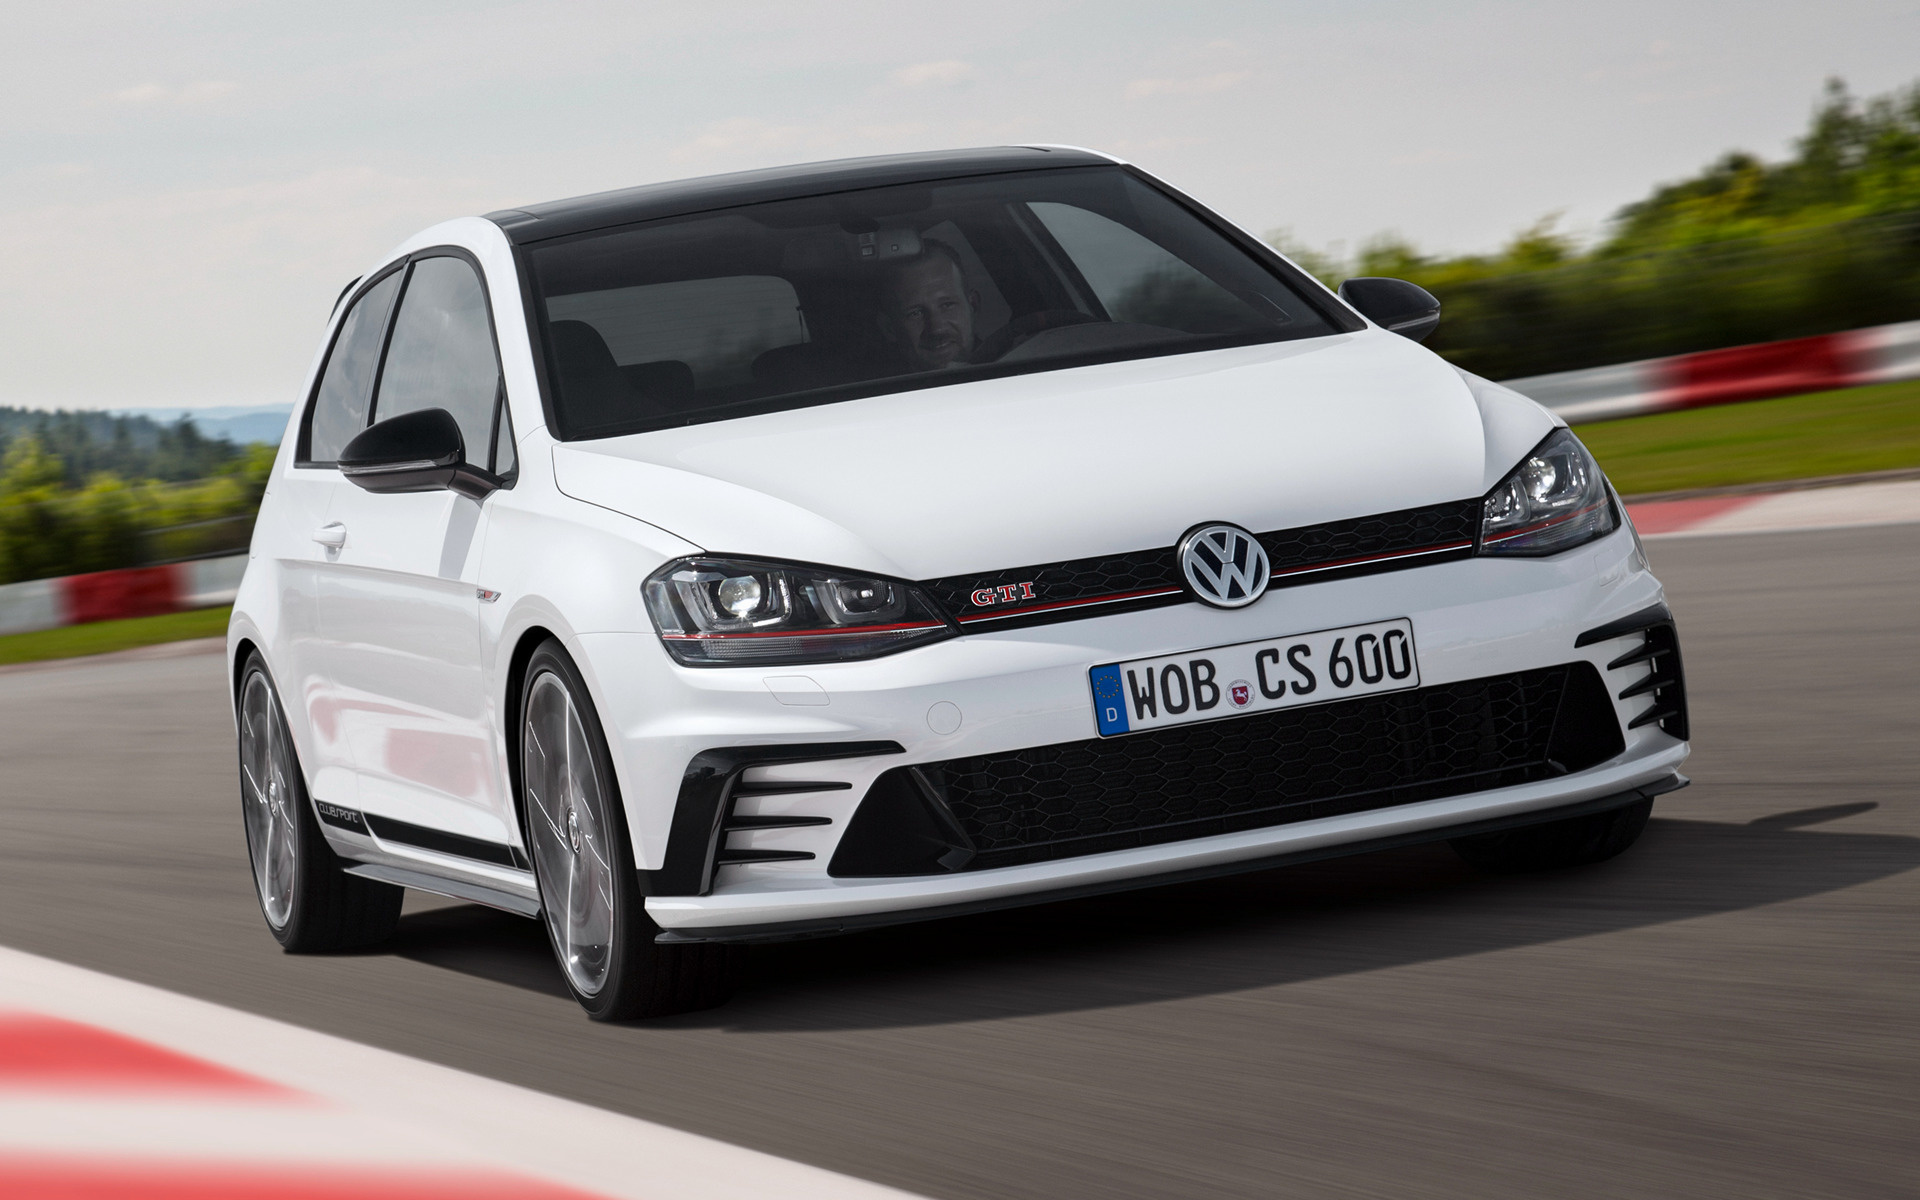 Volkswagen Golf GTI Clubsport 3-door (2015) Wallpapers and HD Images - Car Pixel